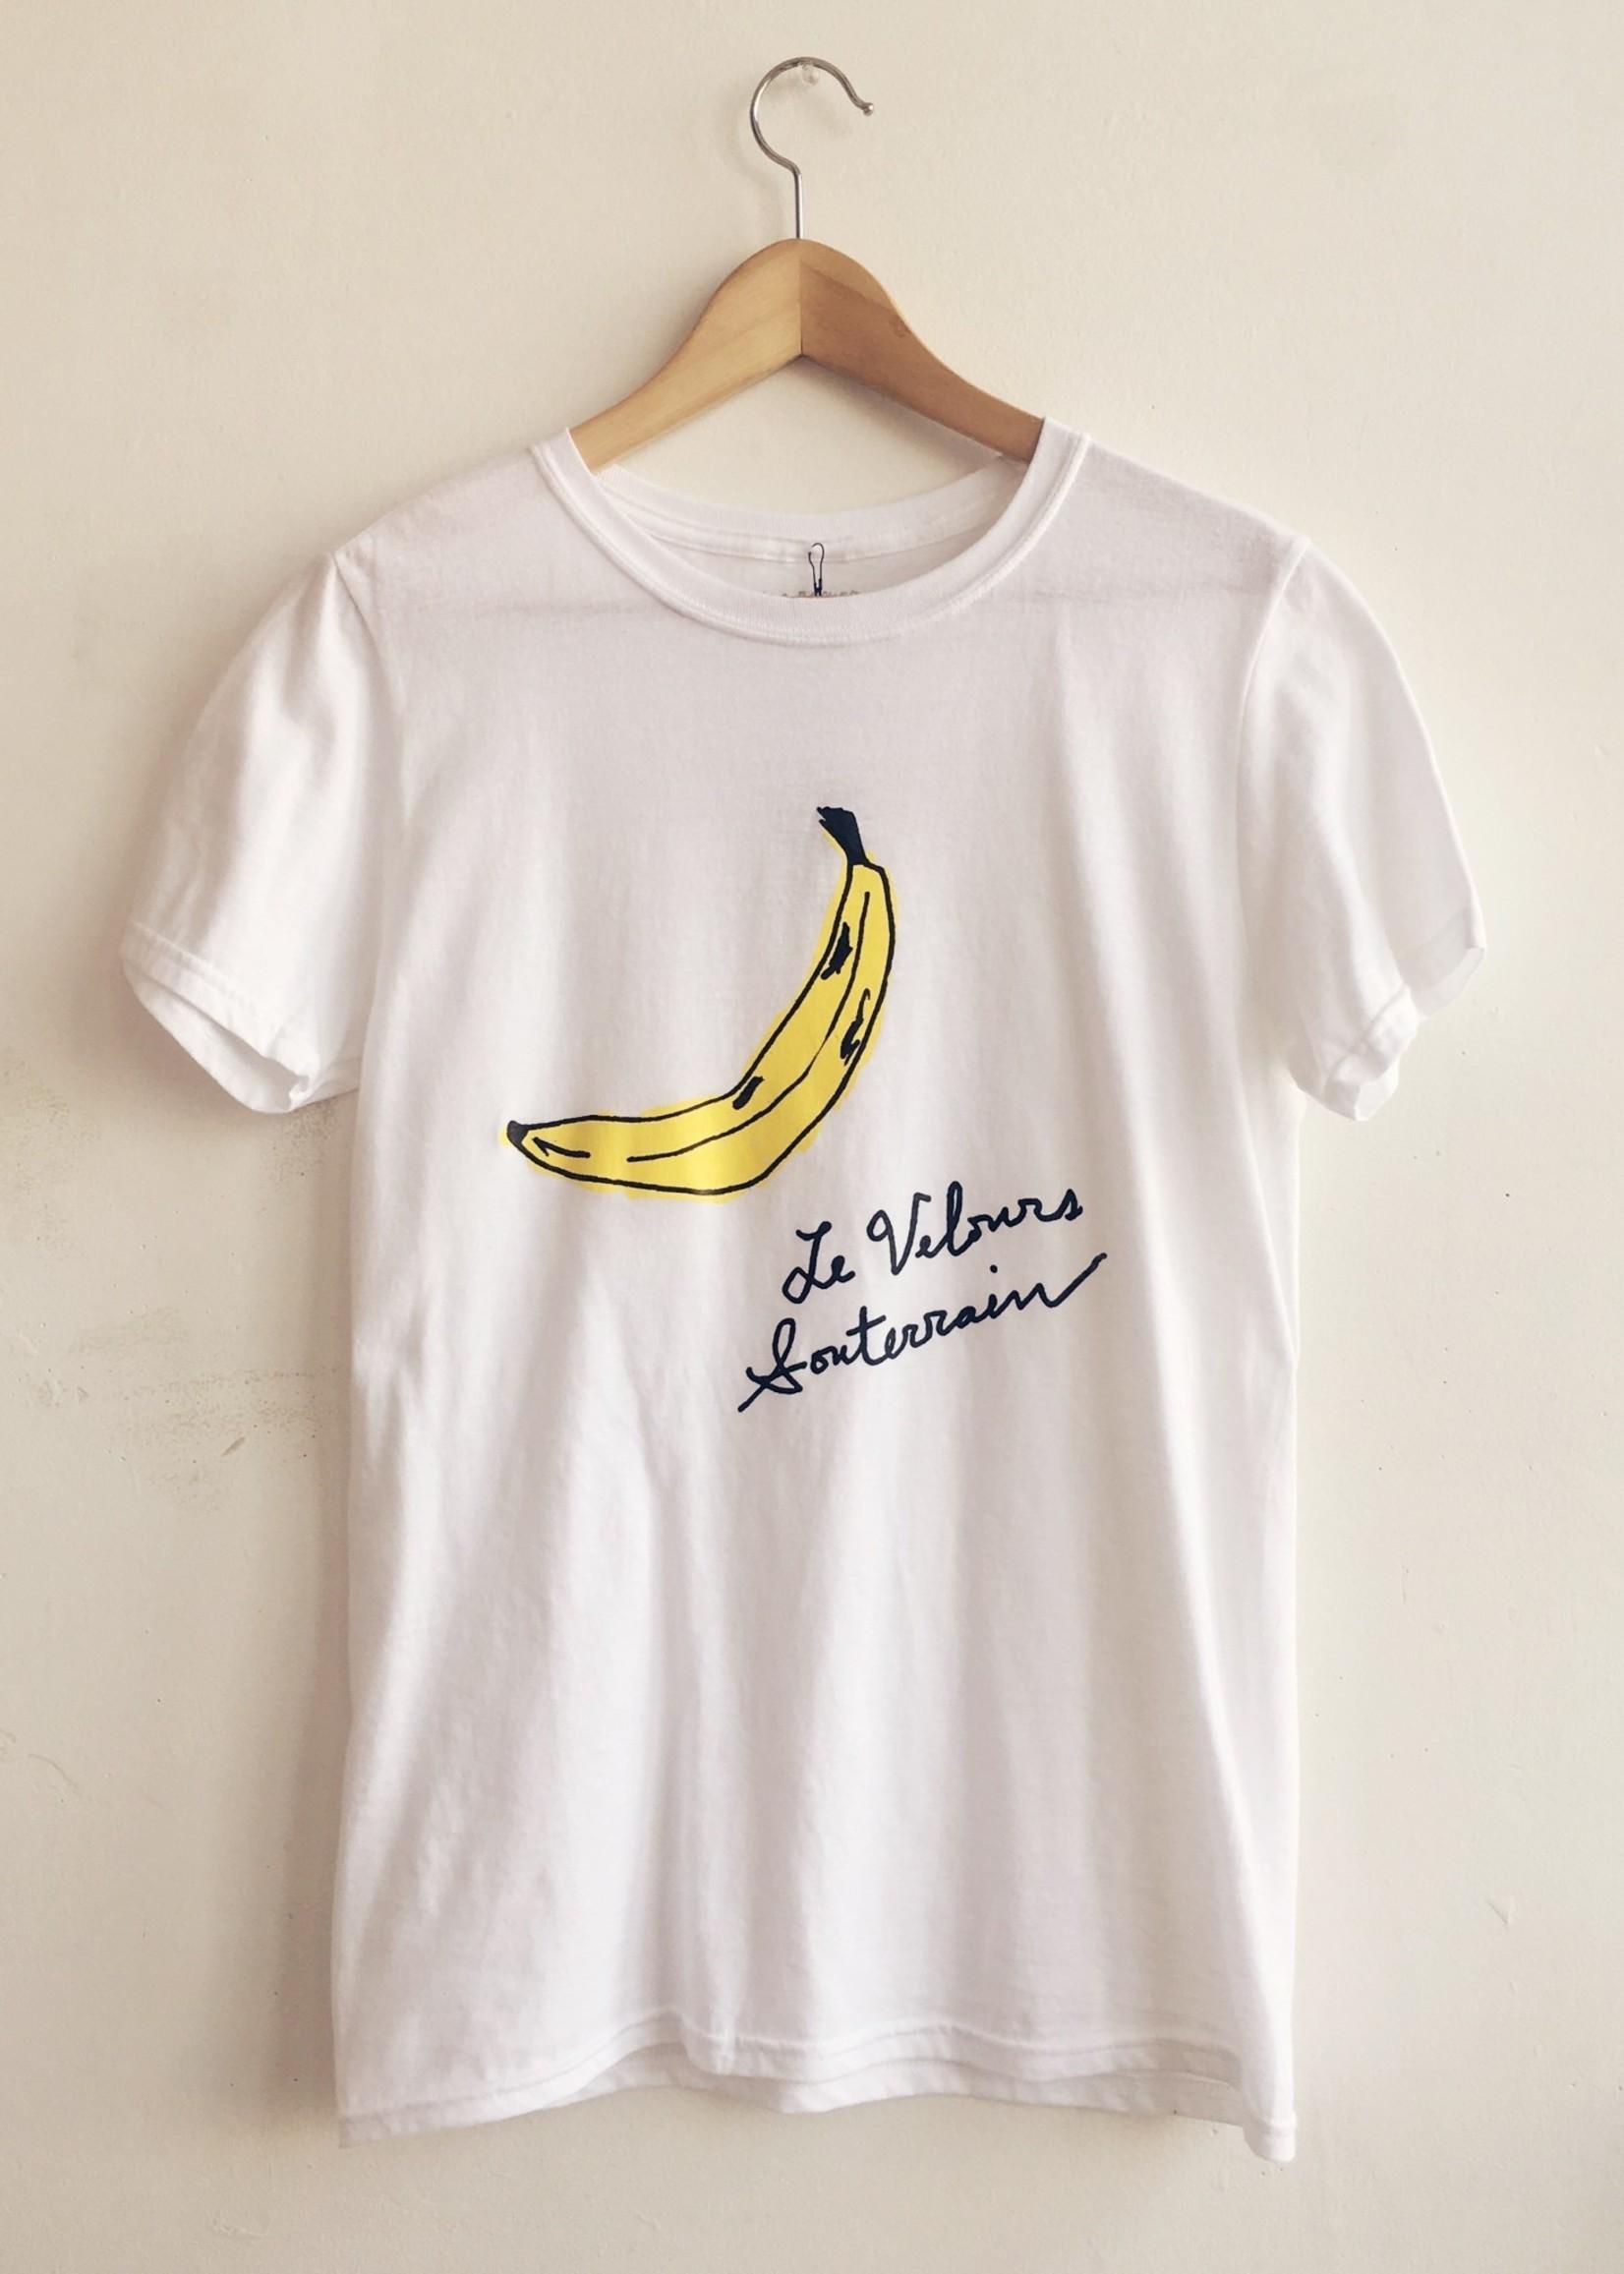 Les Roches Qui Roulent Le Velours Souterrain T-shirt